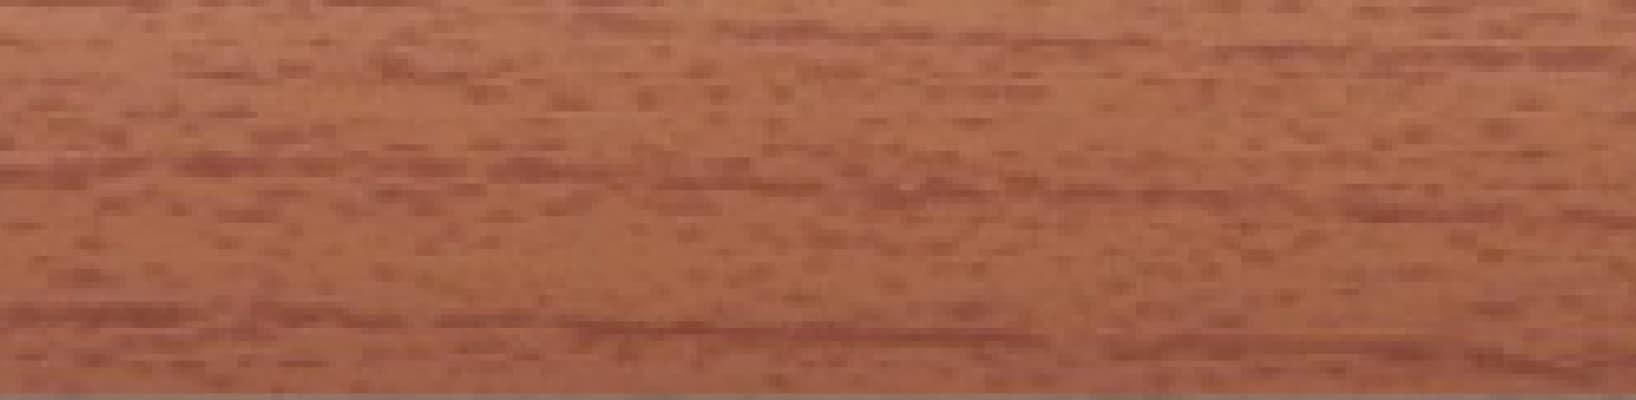 Drewnopodobny Nr koloru W94 (Dopłata 30%)